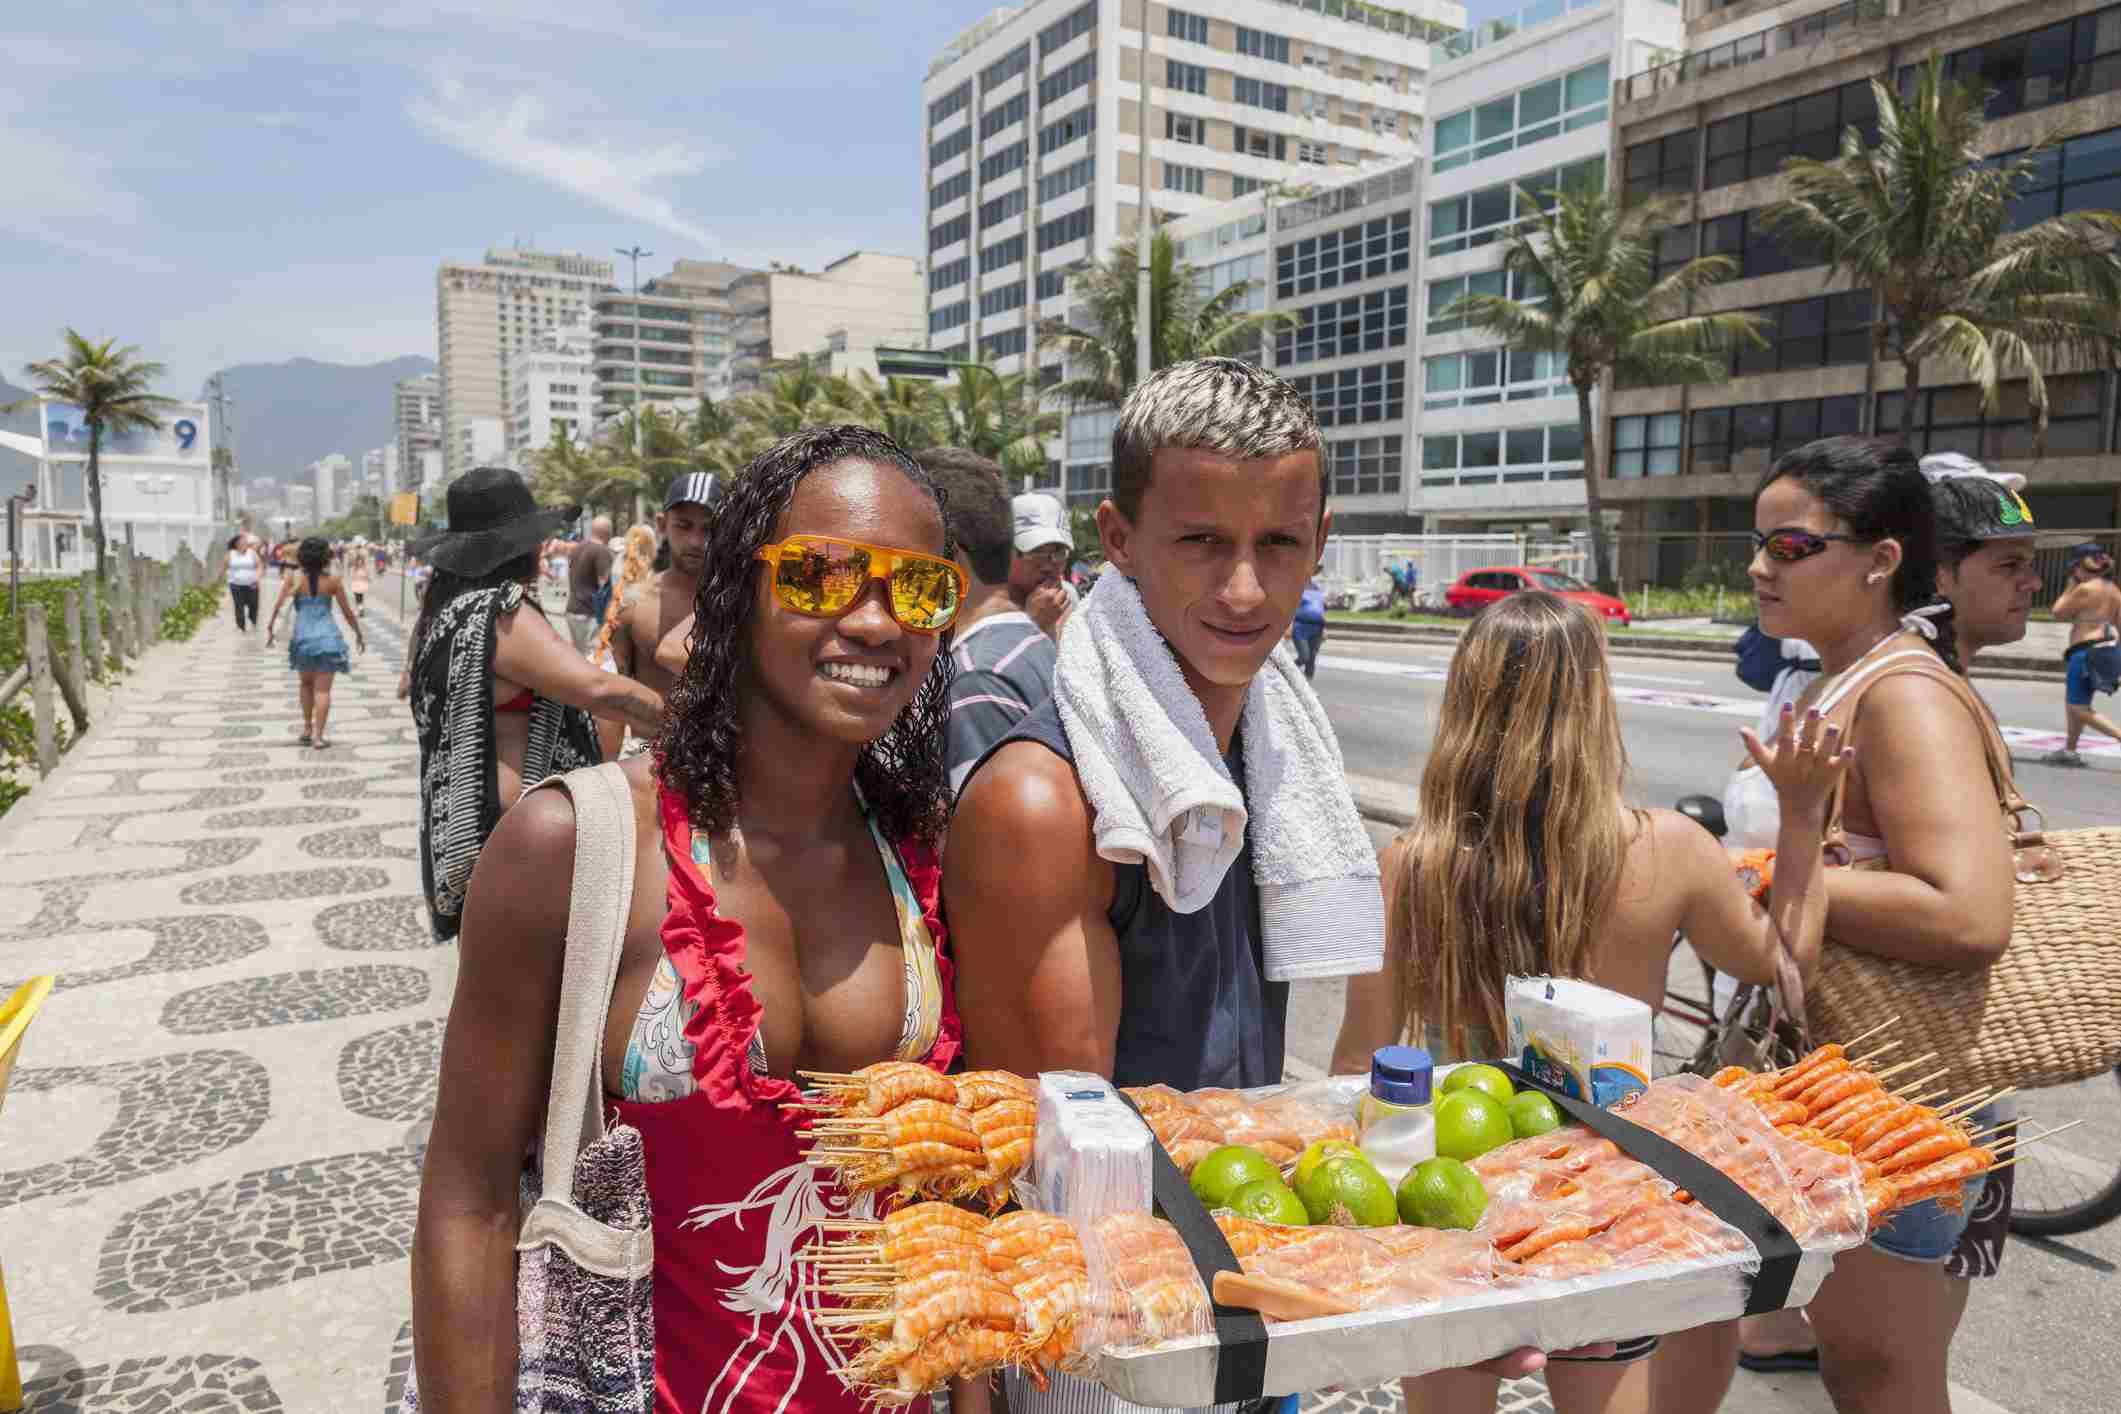 Kebabs in Rio de Janeiro